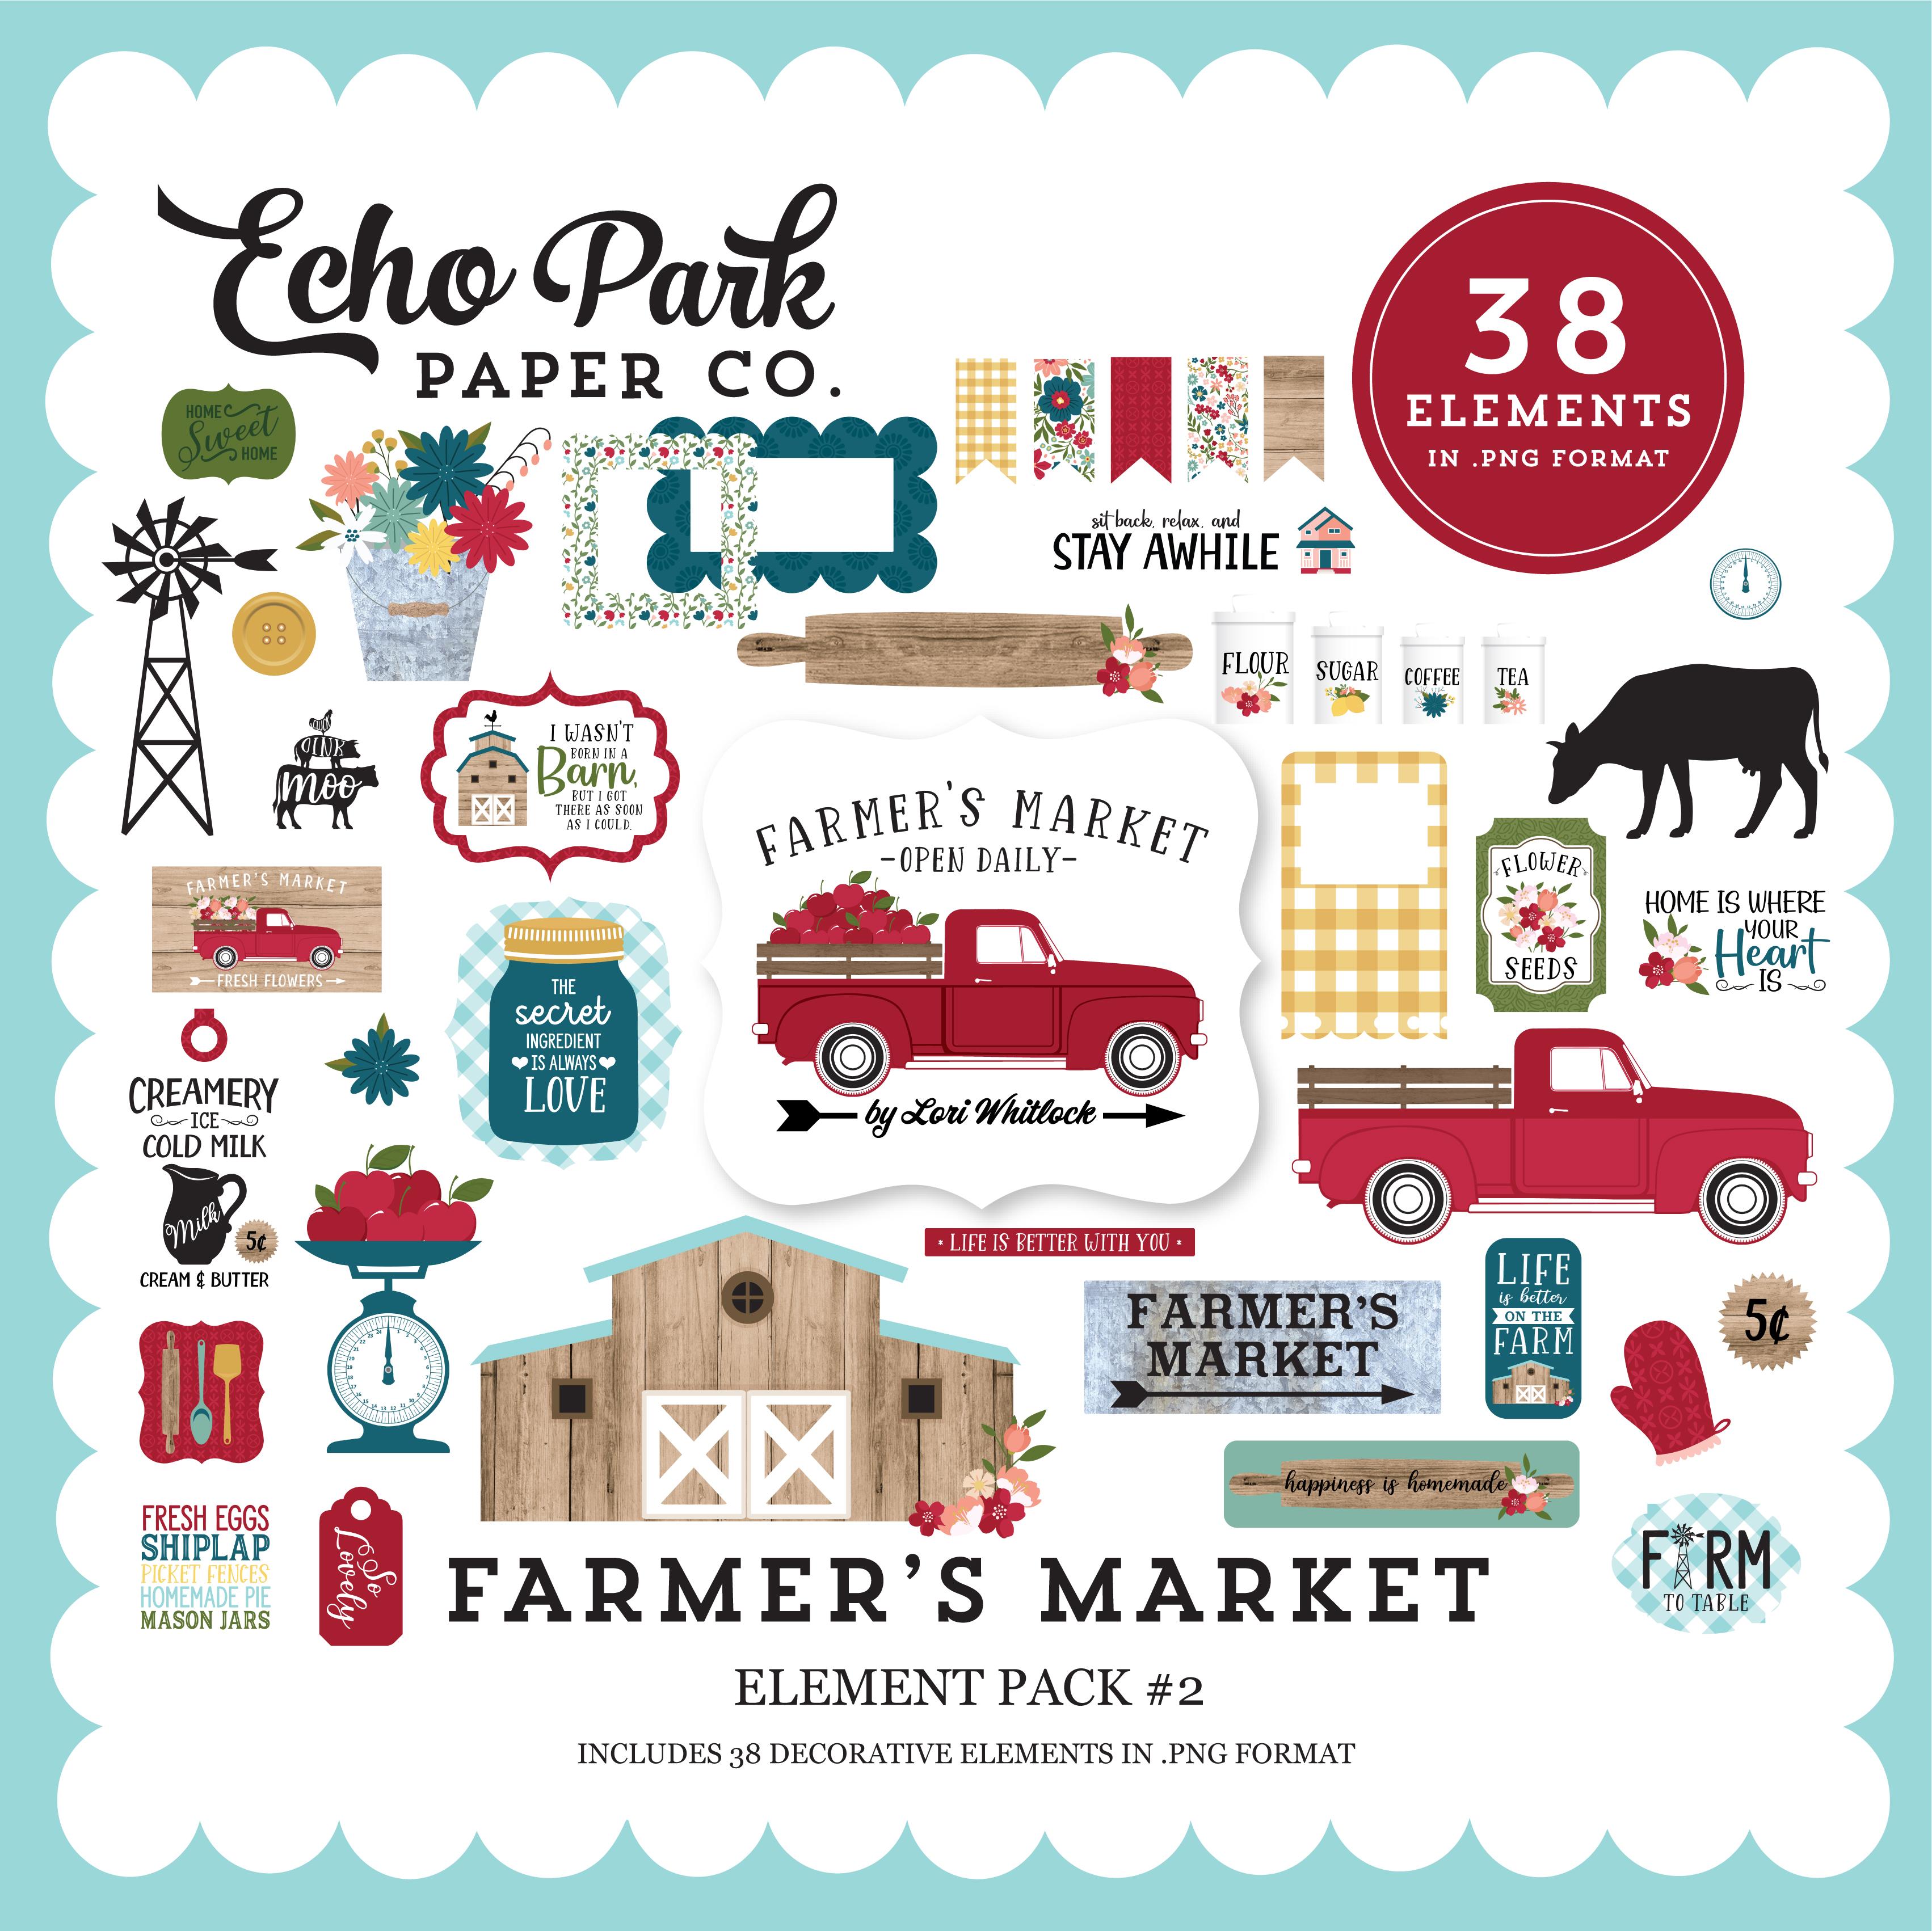 Farmer's Market Element Pack #2